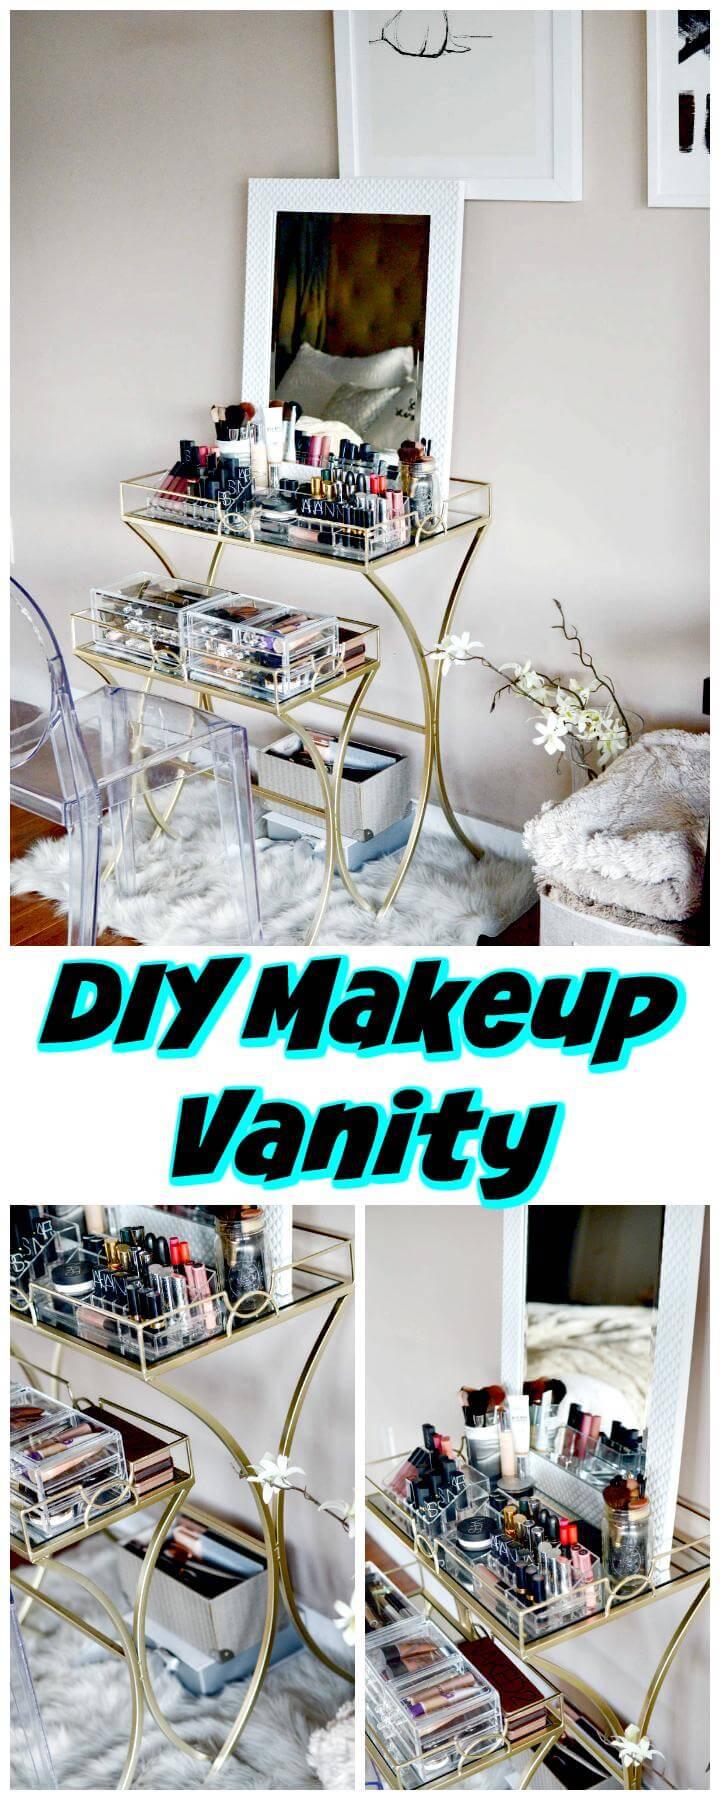 DIY makeup vanity tutorial